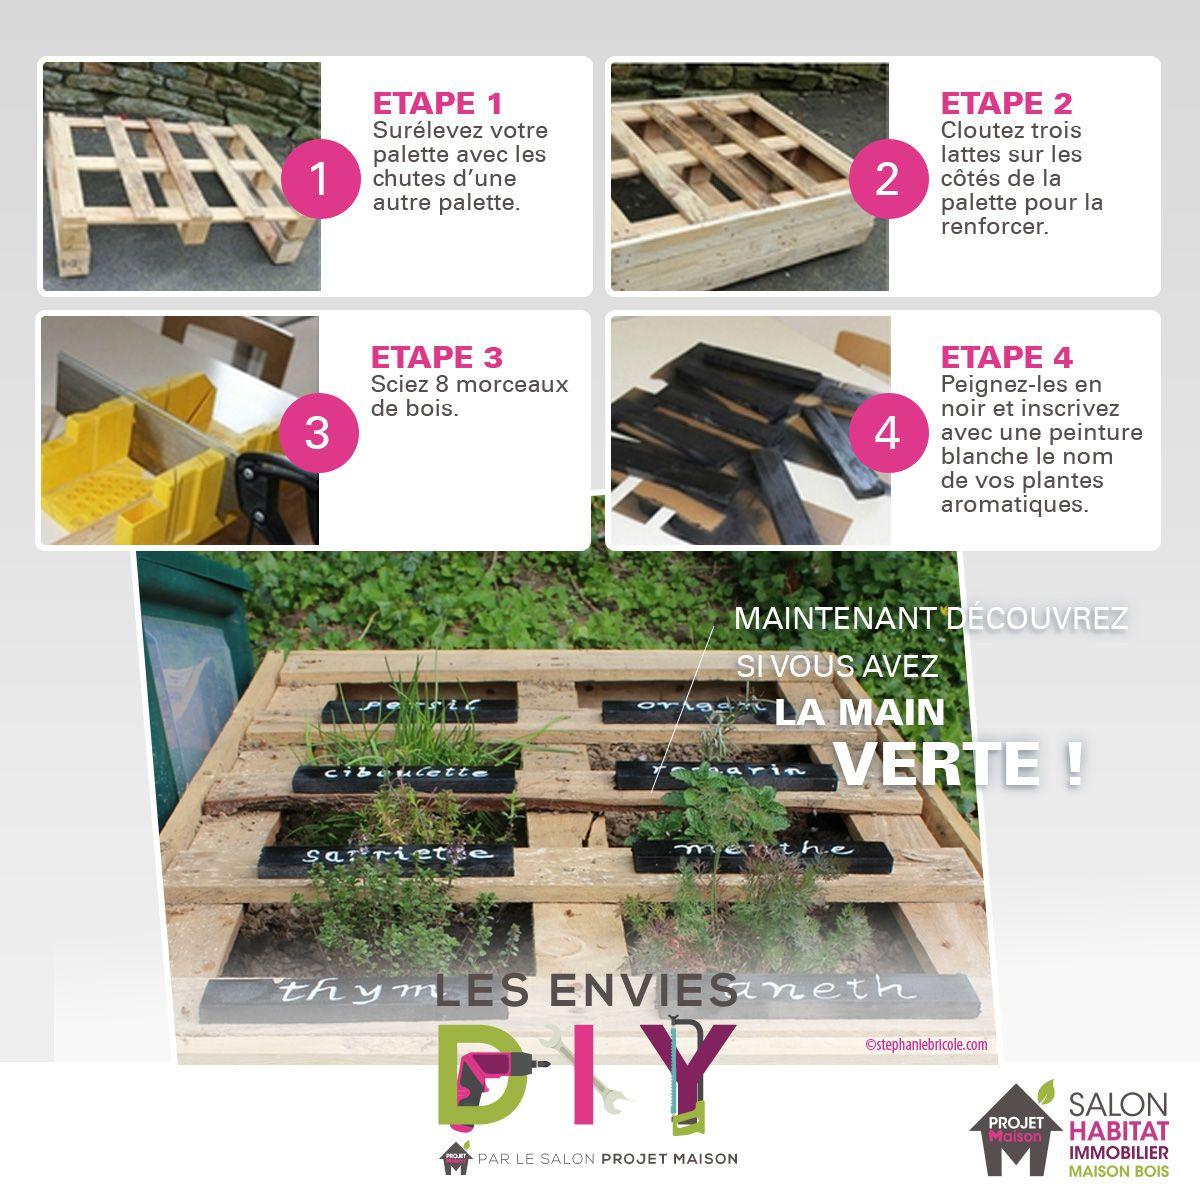 un tutoriel hyper facile pour fabriquer une jardinire avec de simples palettes de rcup - Fabriquer Une Jardiniere Avec Des Palettes